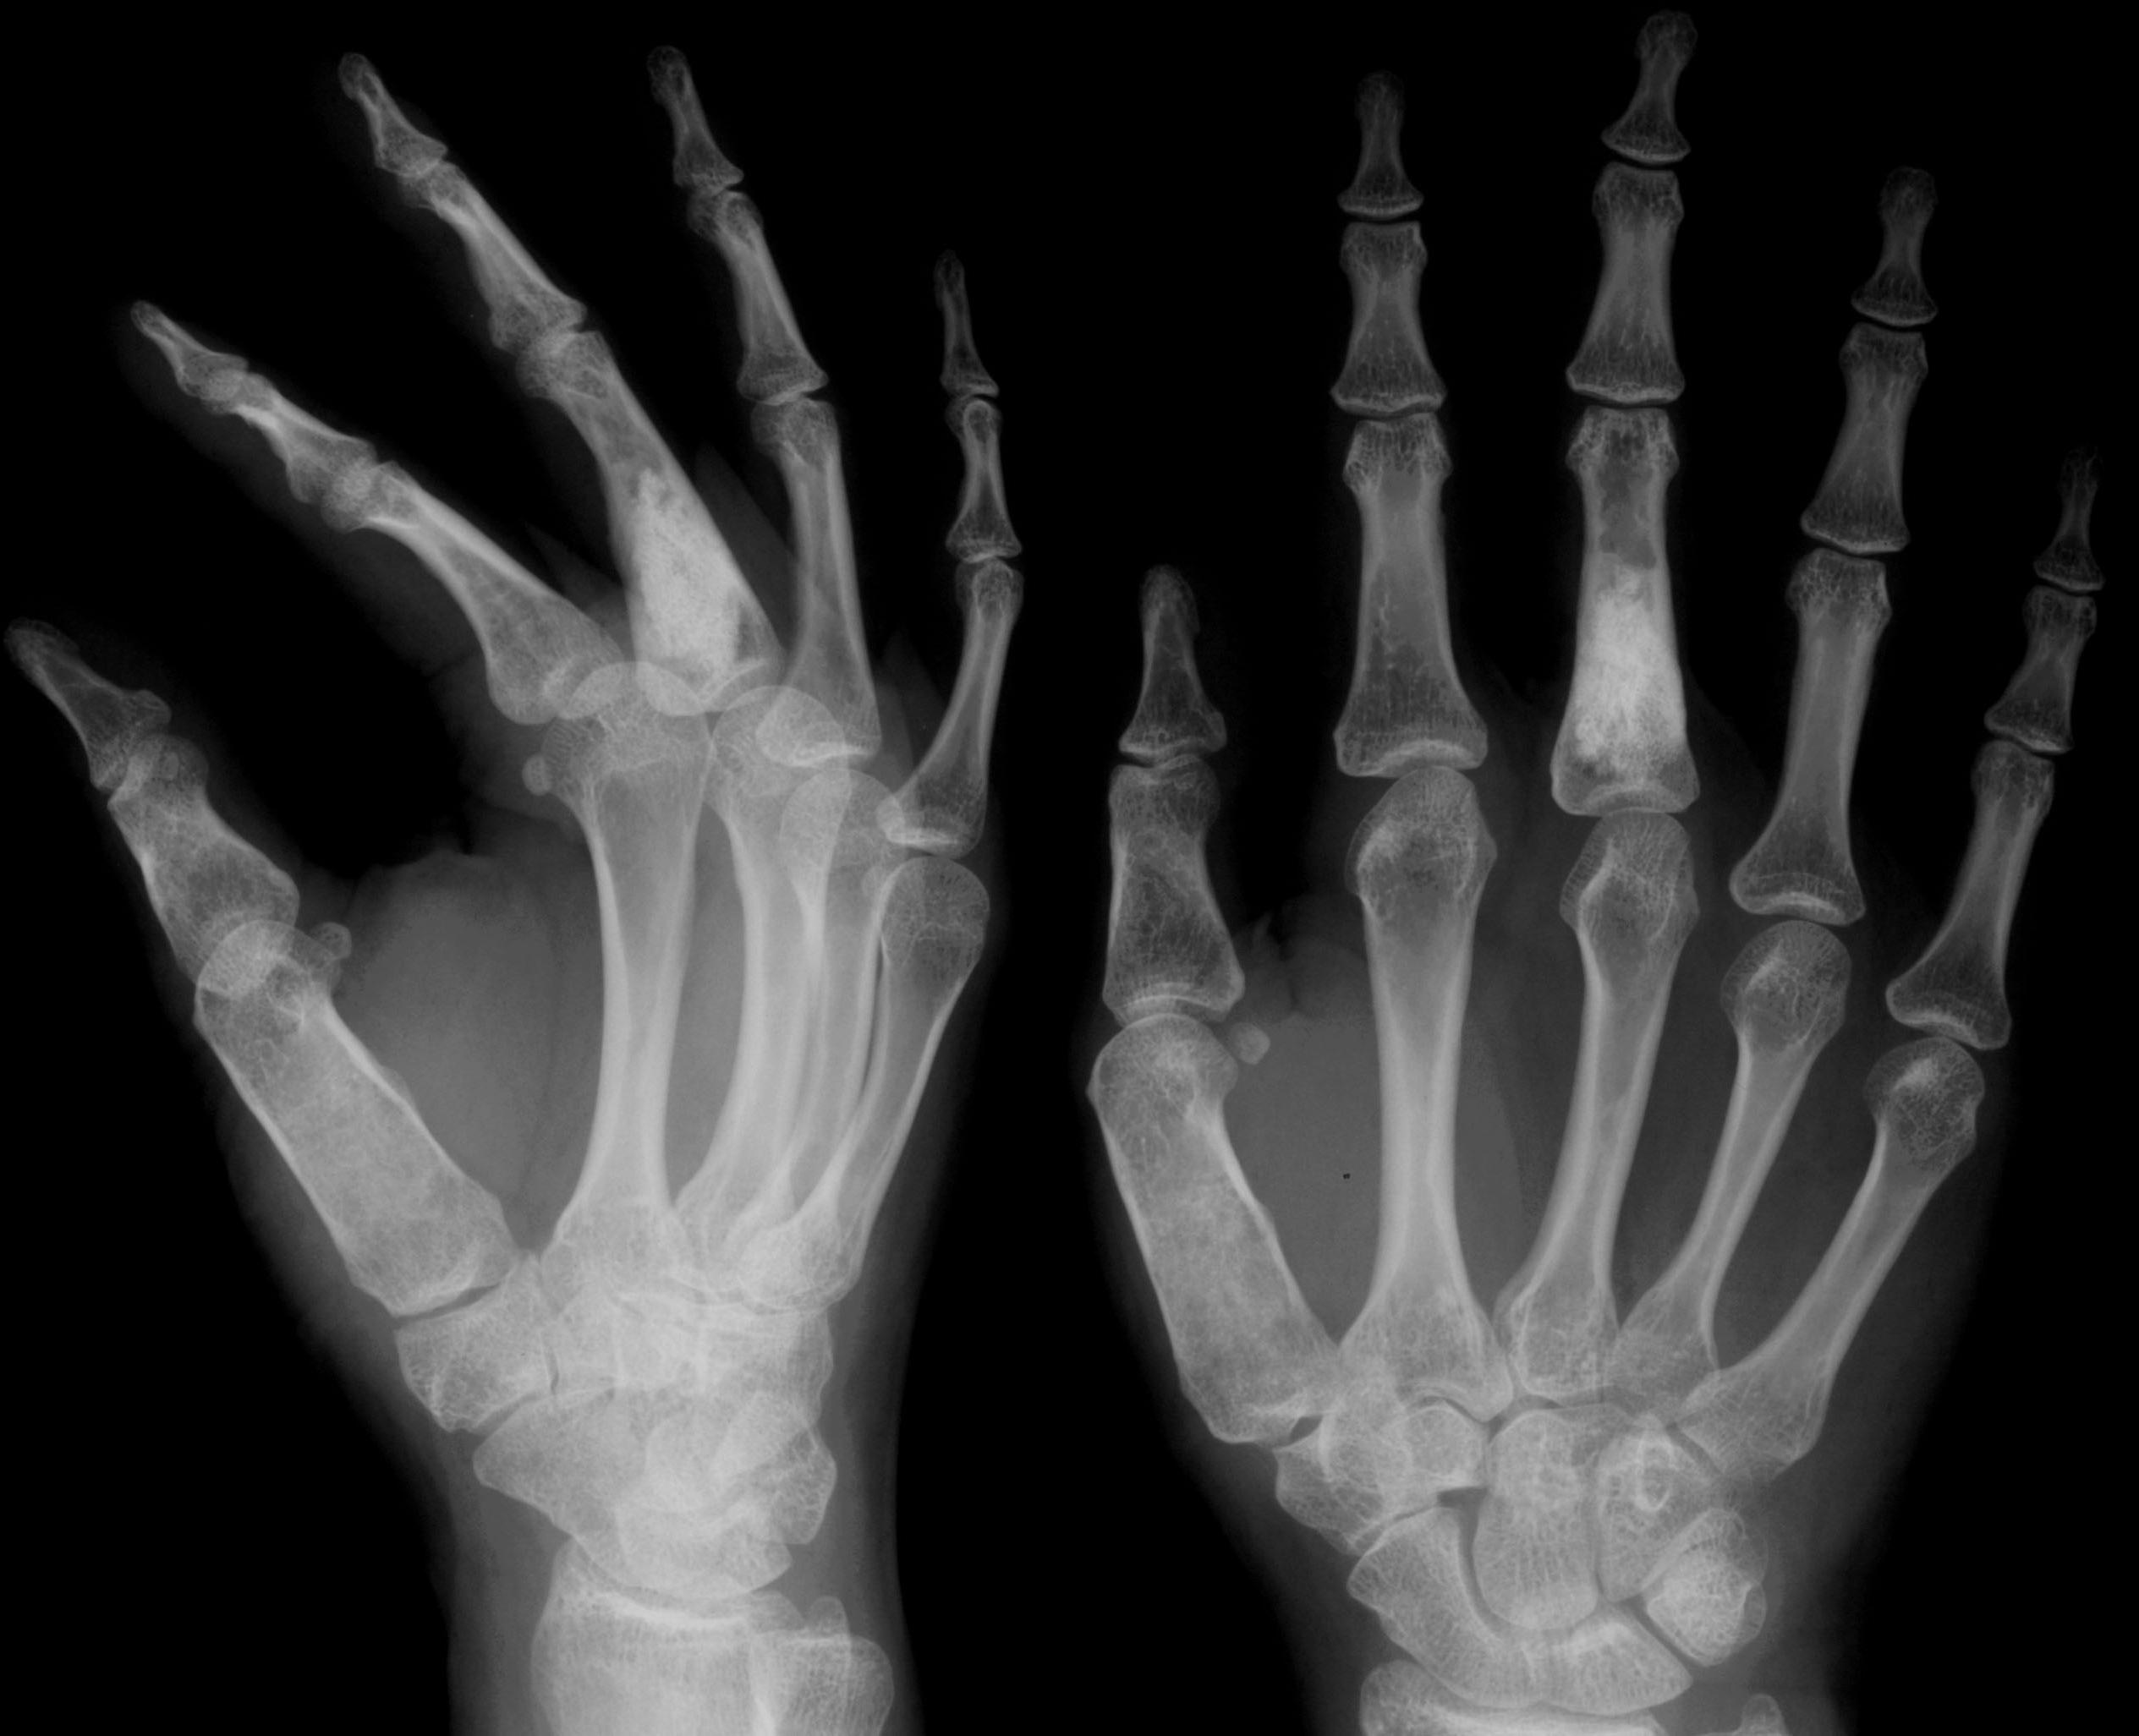 Doença de Ollier: O Que É, Causas, Sintomas, Diagnóstico e Tratamento